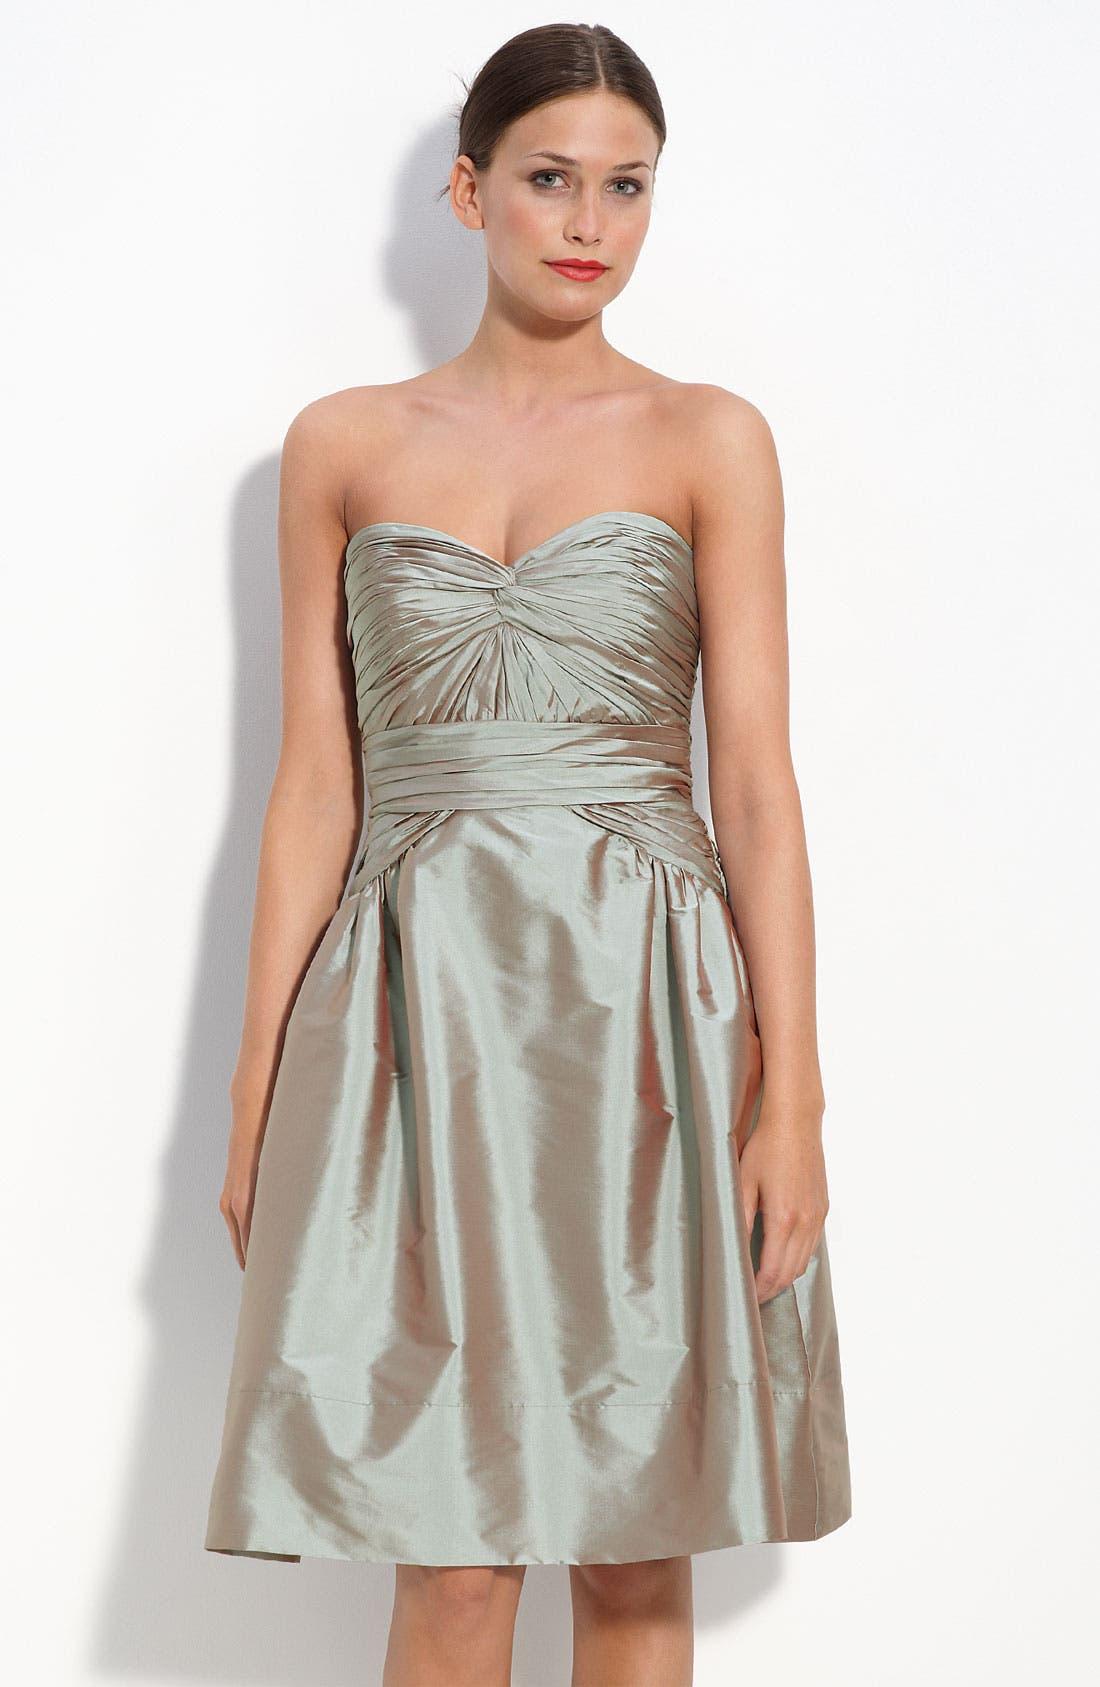 MONIQUE LHUILLIER BRIDESMAIDS ML Monique Lhuillier Bridesmaids Strapless Taffeta Dress, Main, color, 953